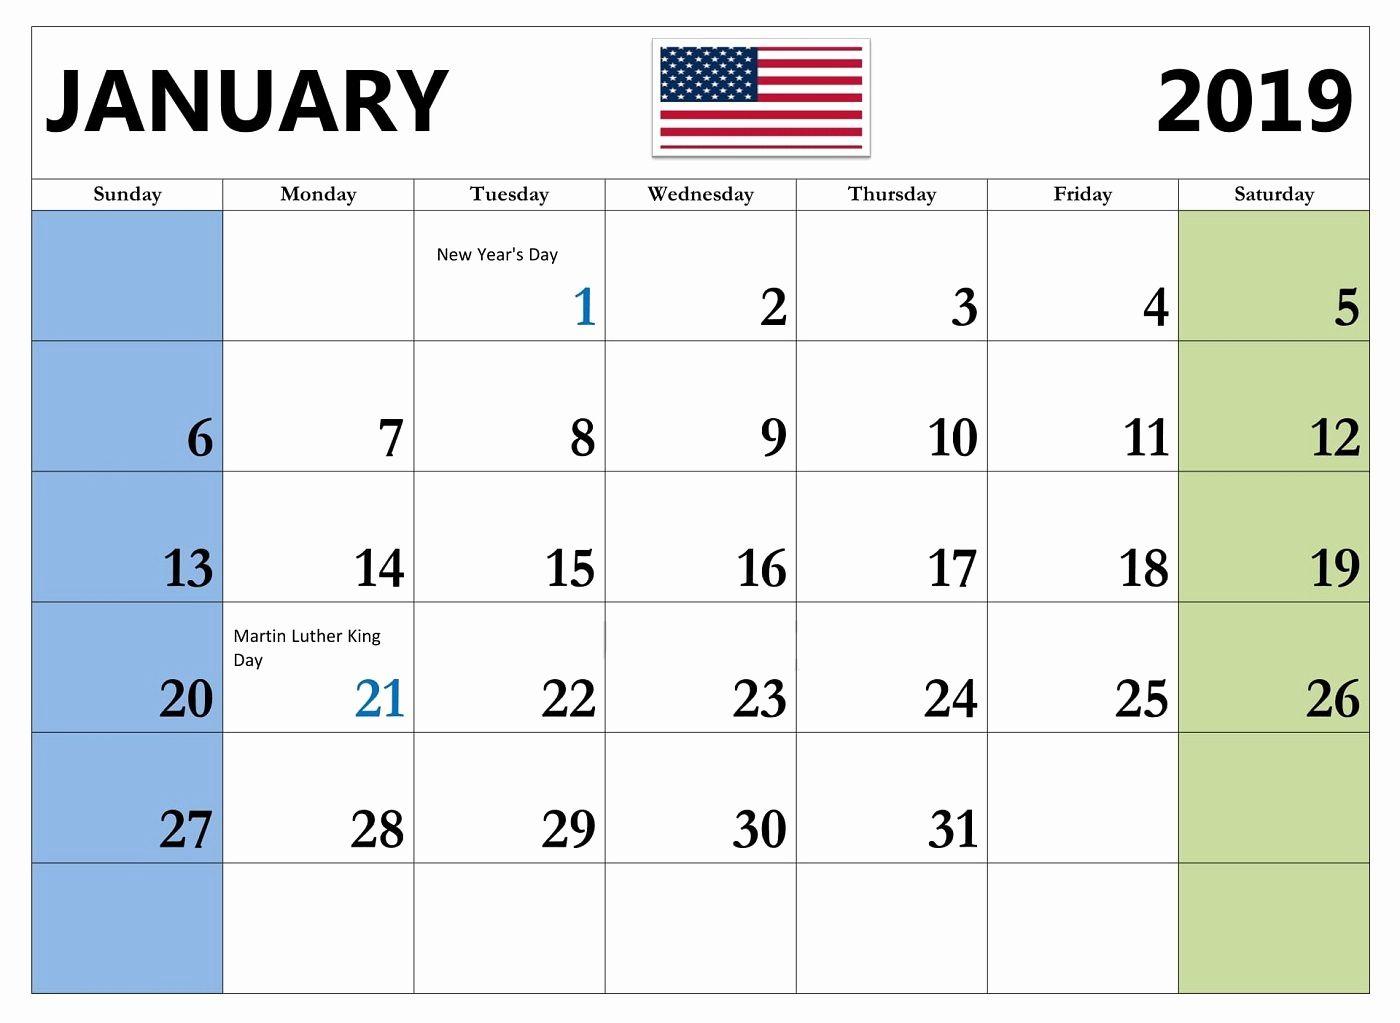 2019 January Calendar With Holidays February Calendar Holiday